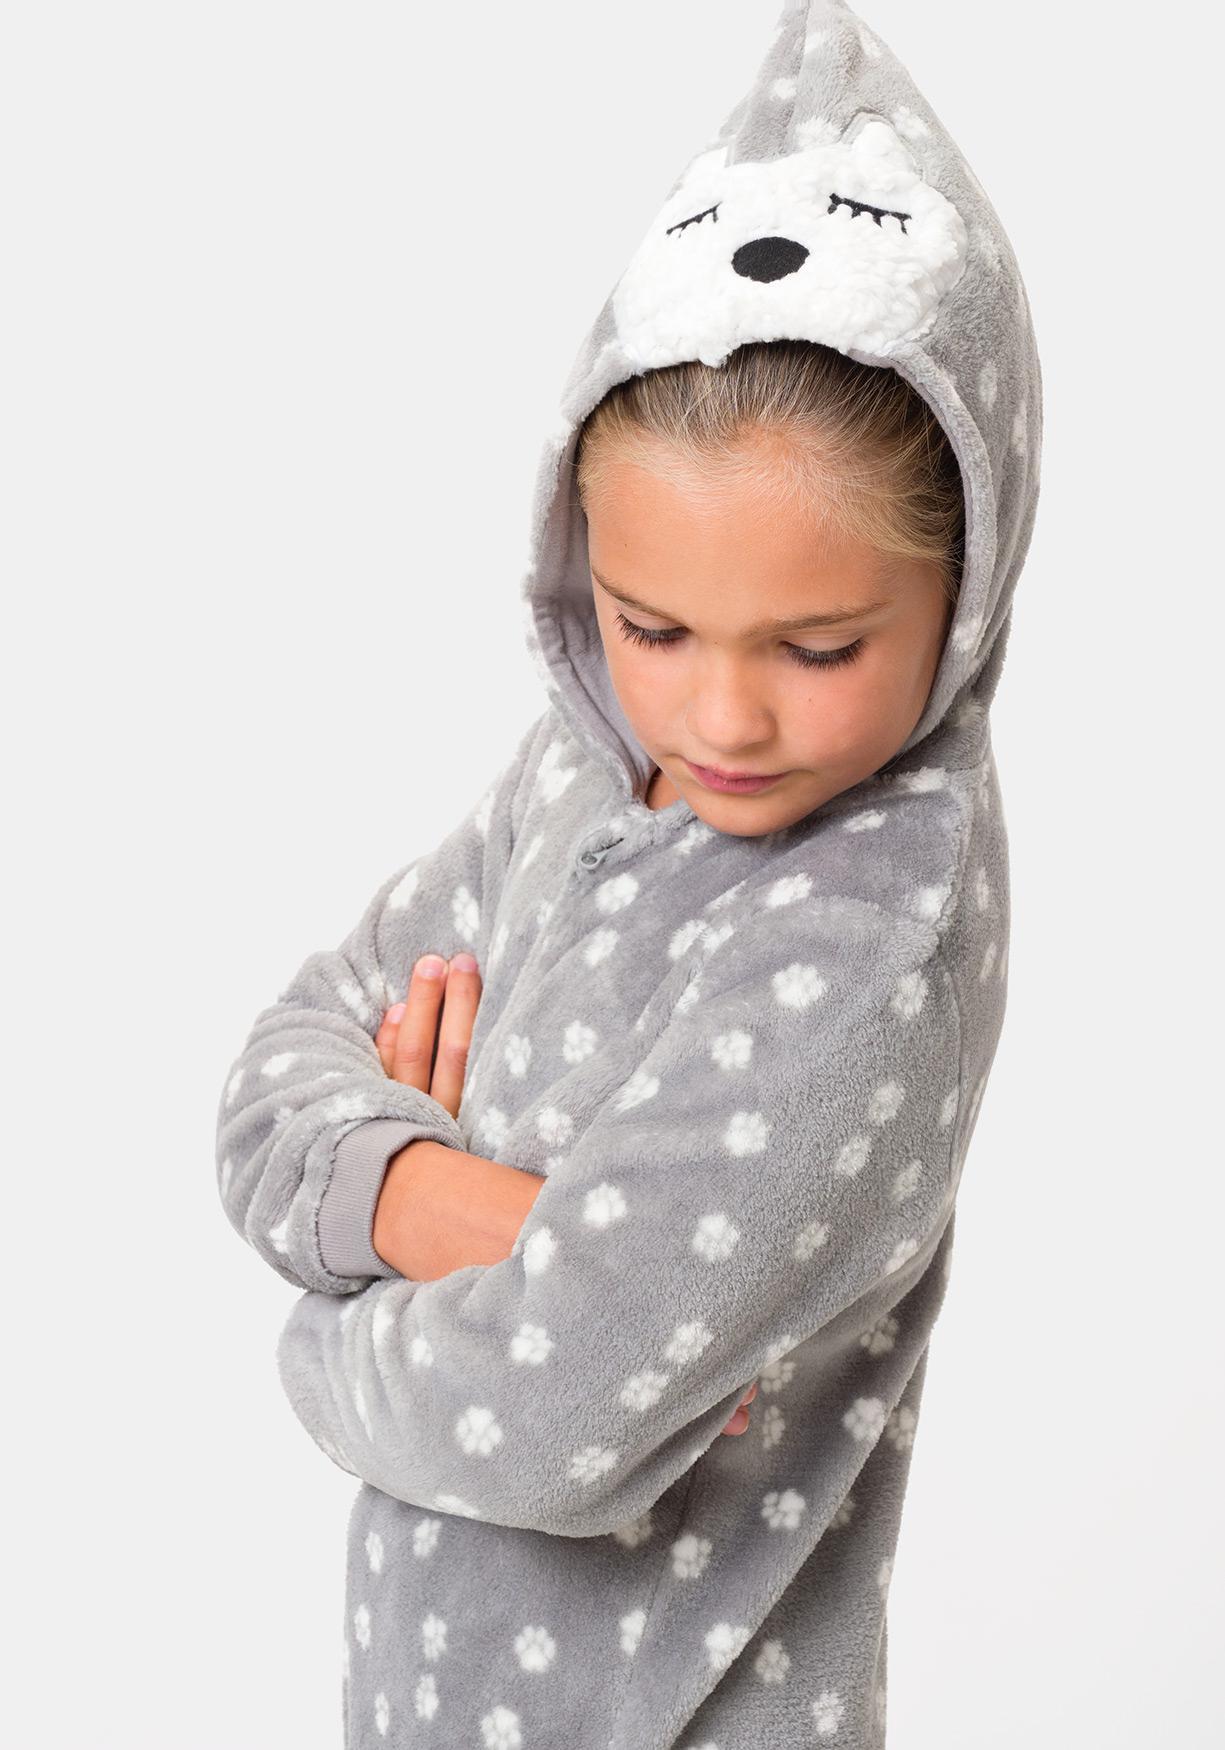 13f8667277 Comprar Pijama manta tacto suave animales TEX. ¡Aprovéchate de ...